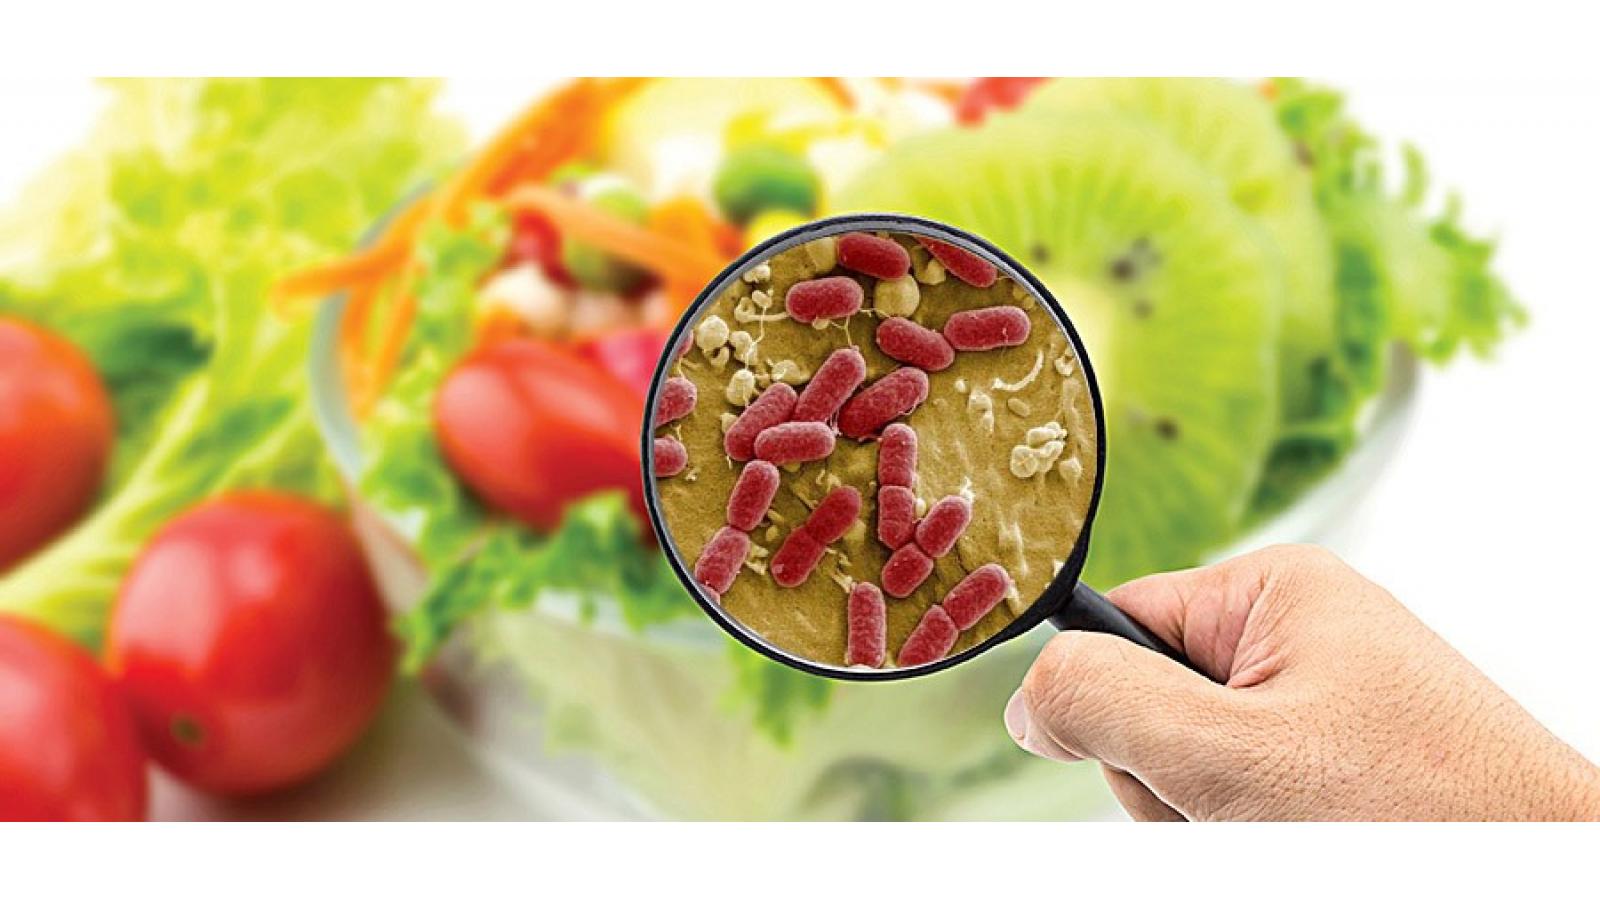 Заражение продуктов микробами